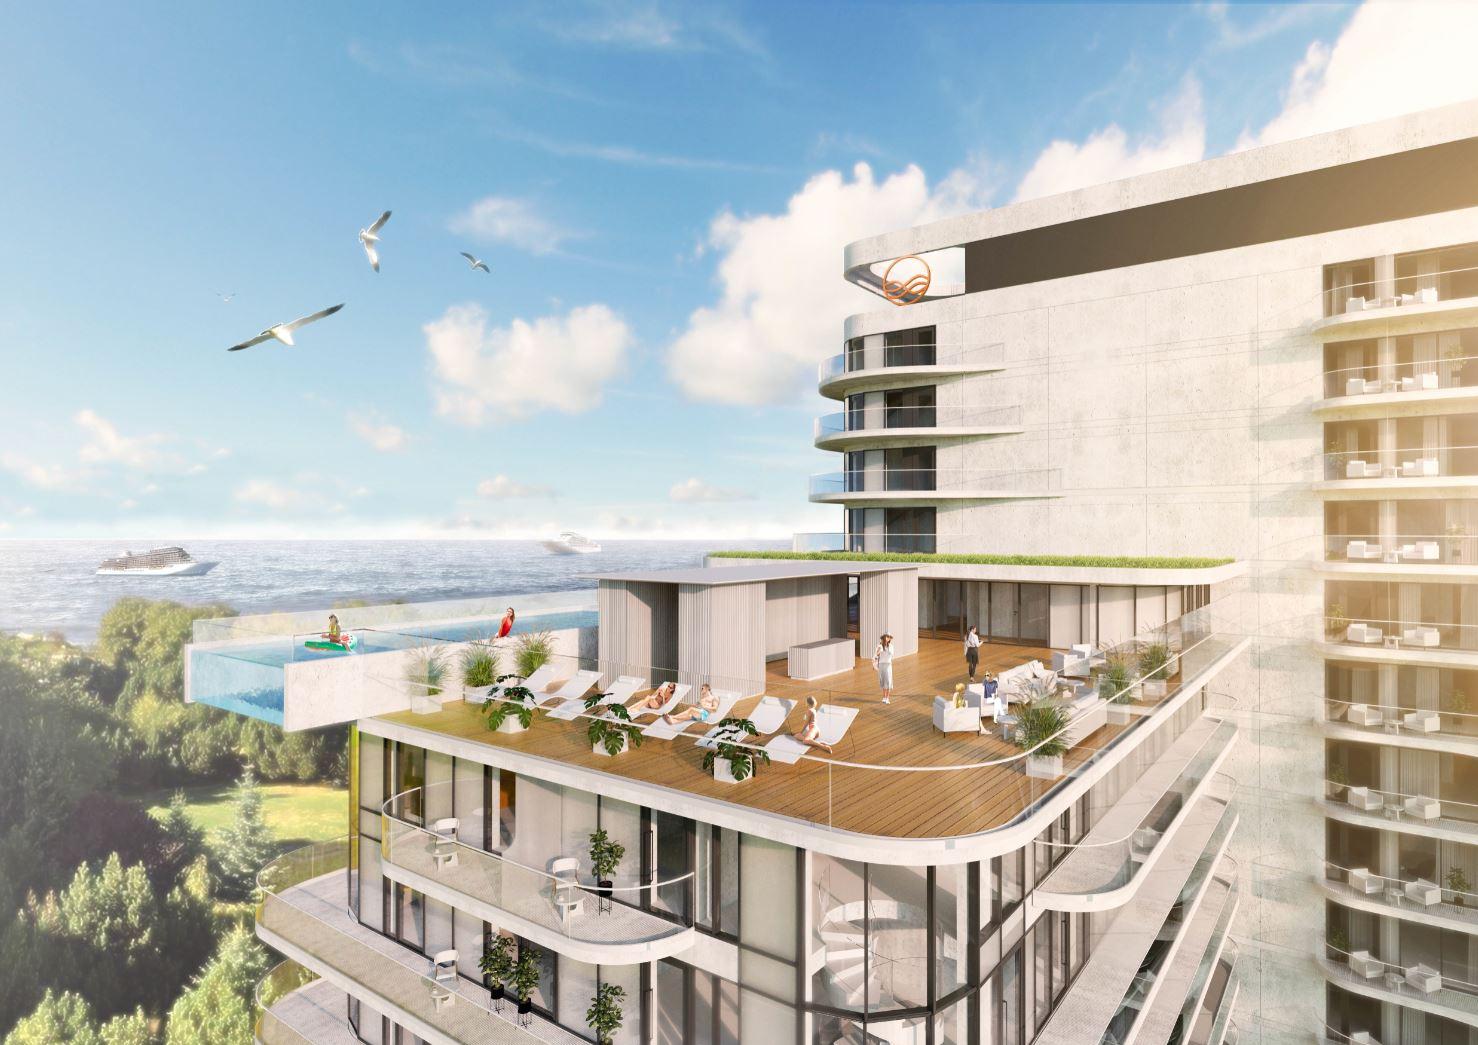 Baltic Wave 2 - Duży obiekt powstaje w dzielnicy uzdrowiskowej. Akurat teraz, gdy tyle się mówi o ograniczeniu zabudowy uzdrowiska